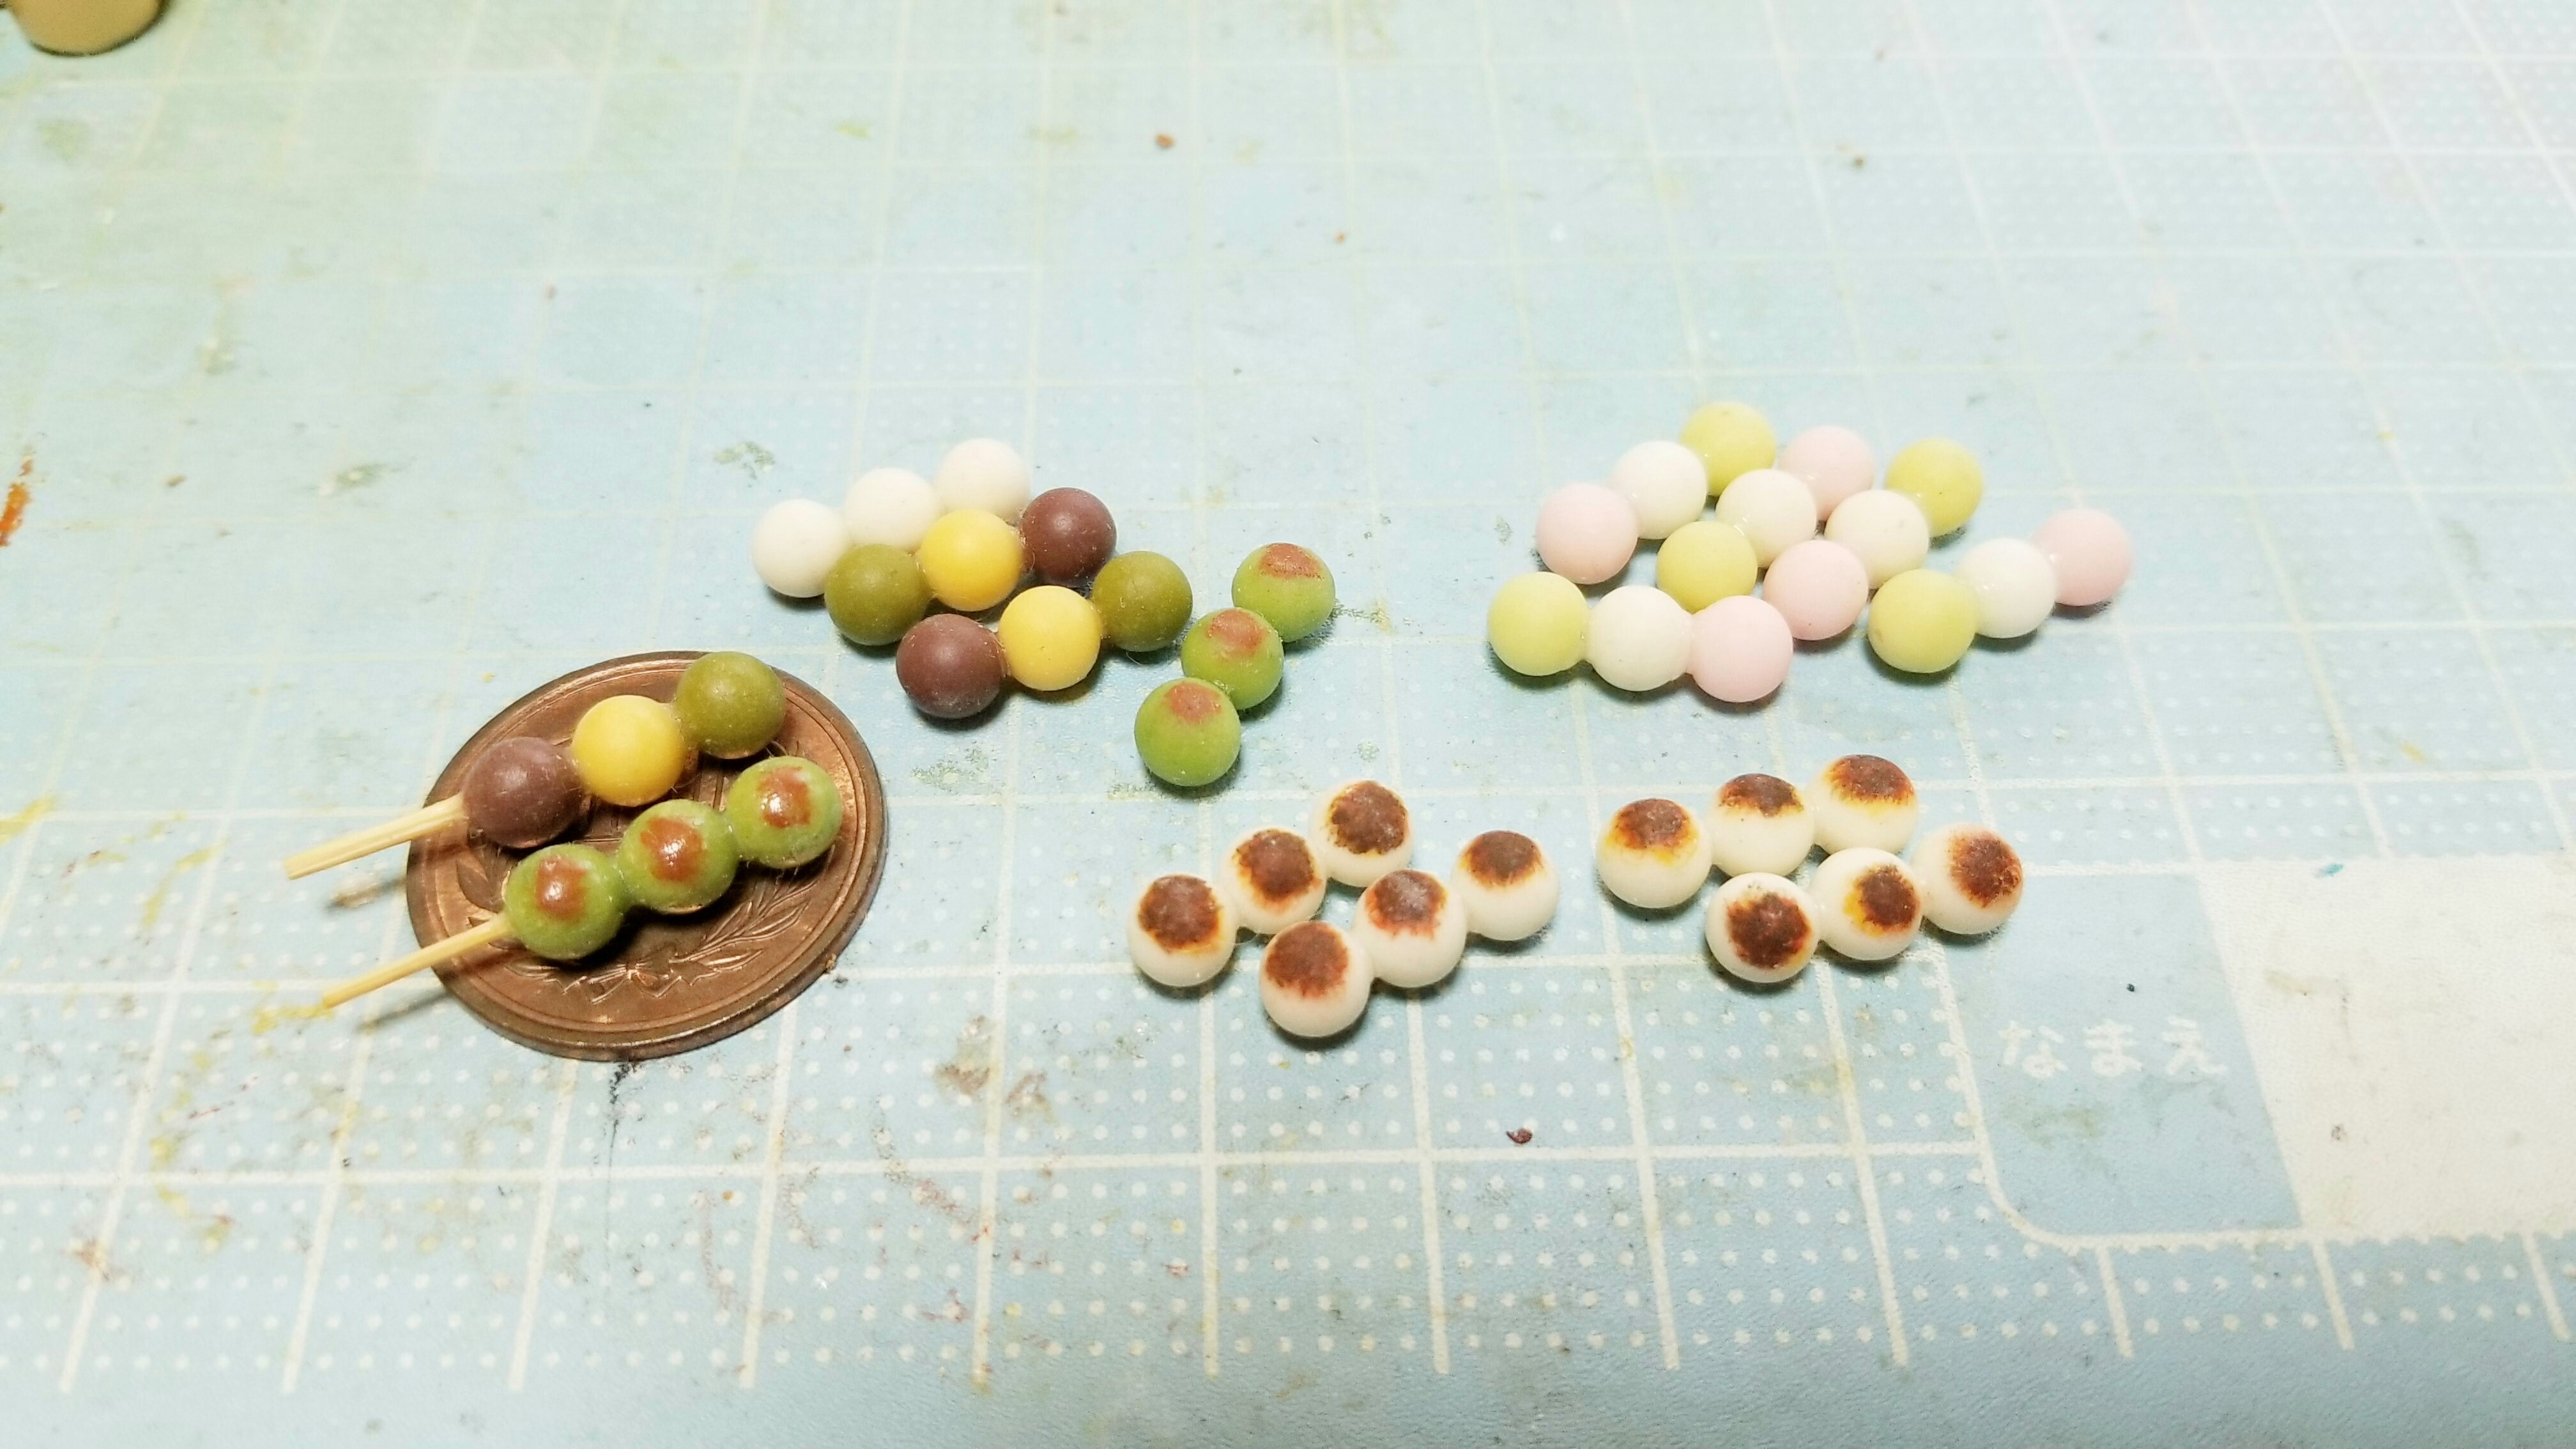 おいしい人気有名京都愛媛県和菓子手作り可愛いお洒落な食べたくなる